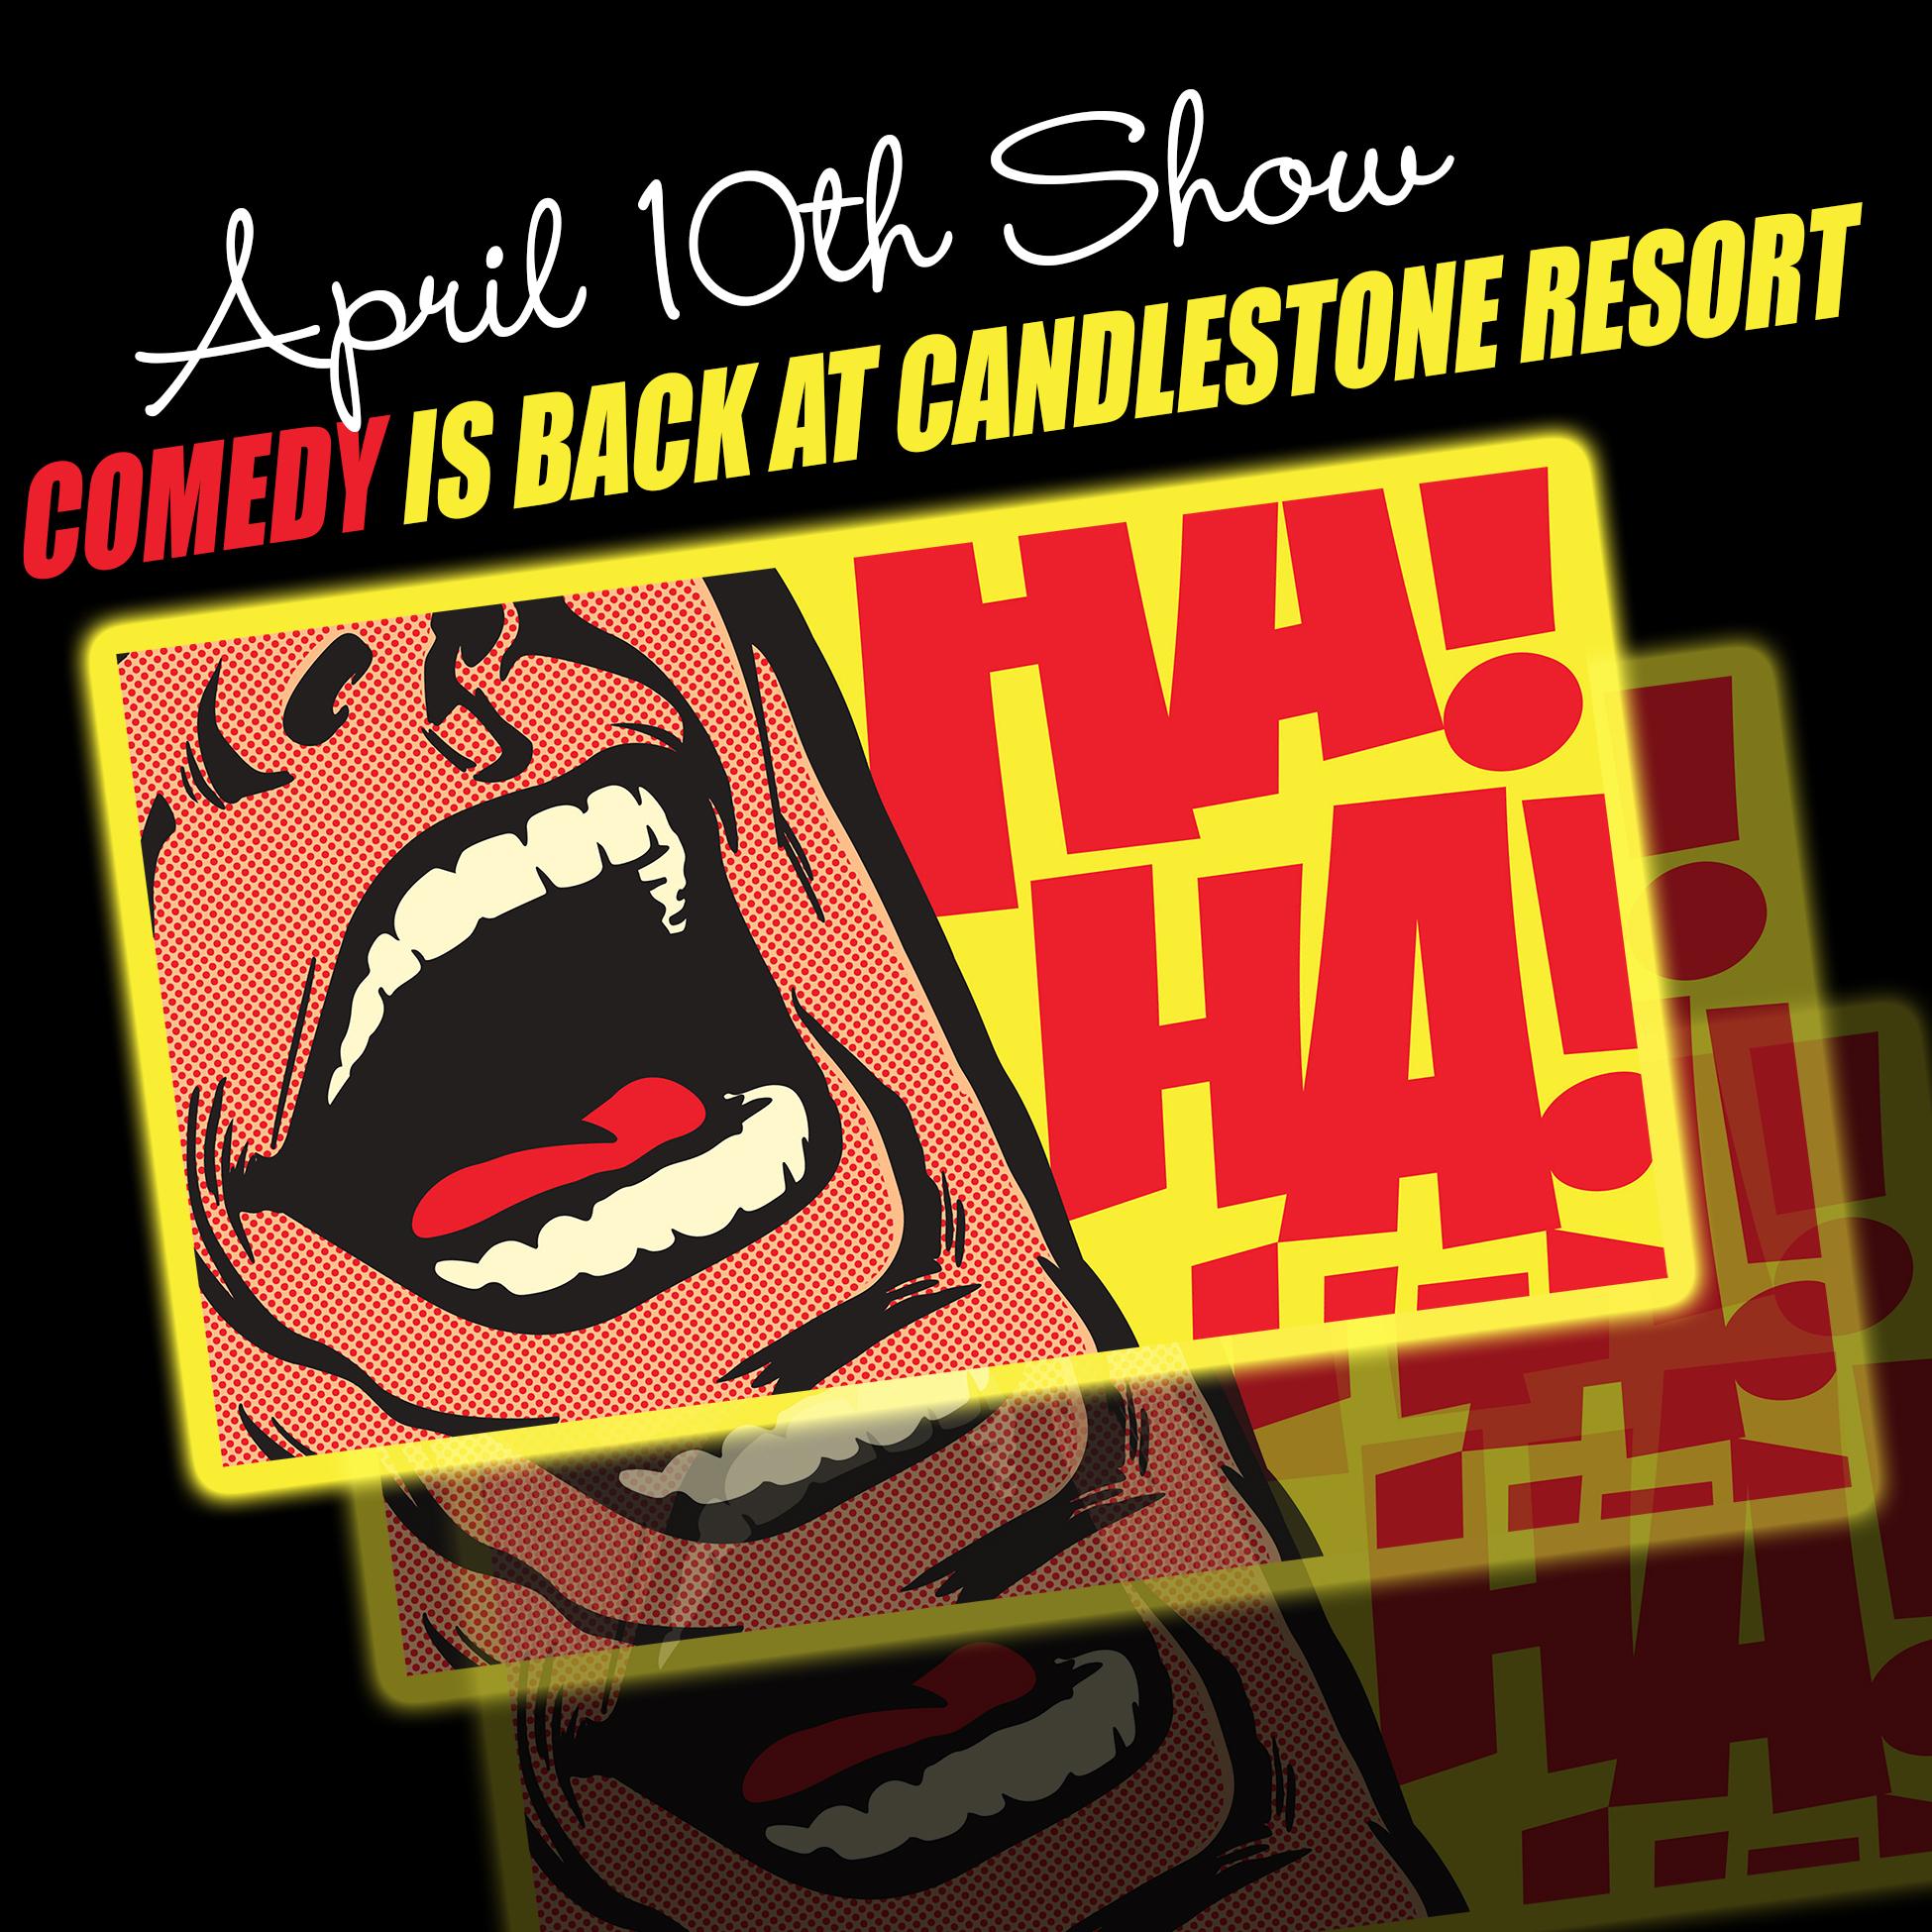 April 10th Comedy Show 2020-Comedy-Apr10th